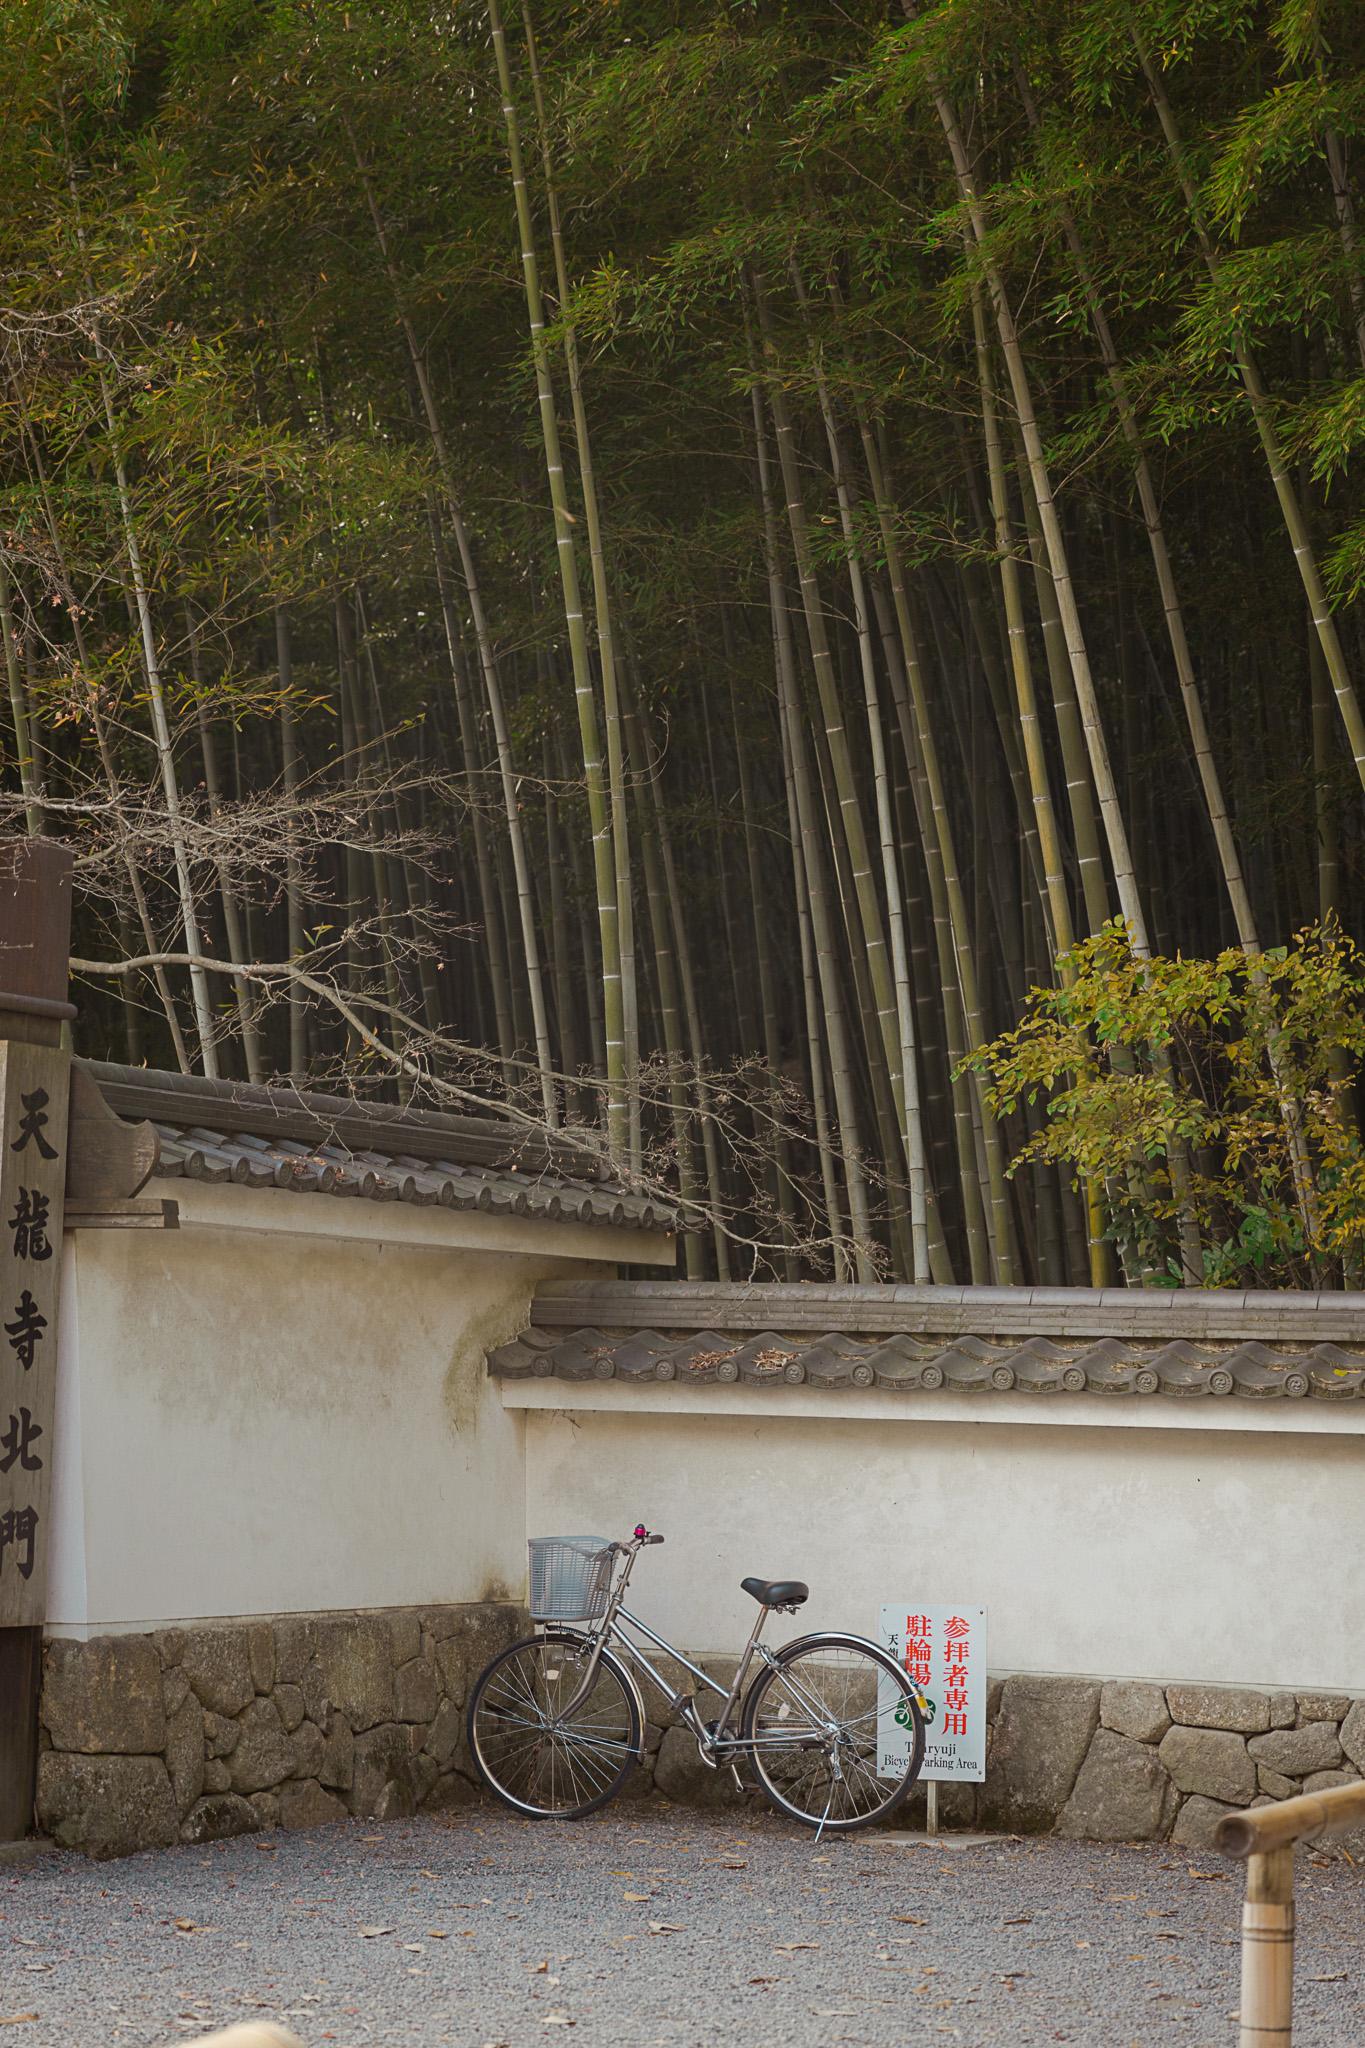 bamboo-forest-arashiyama